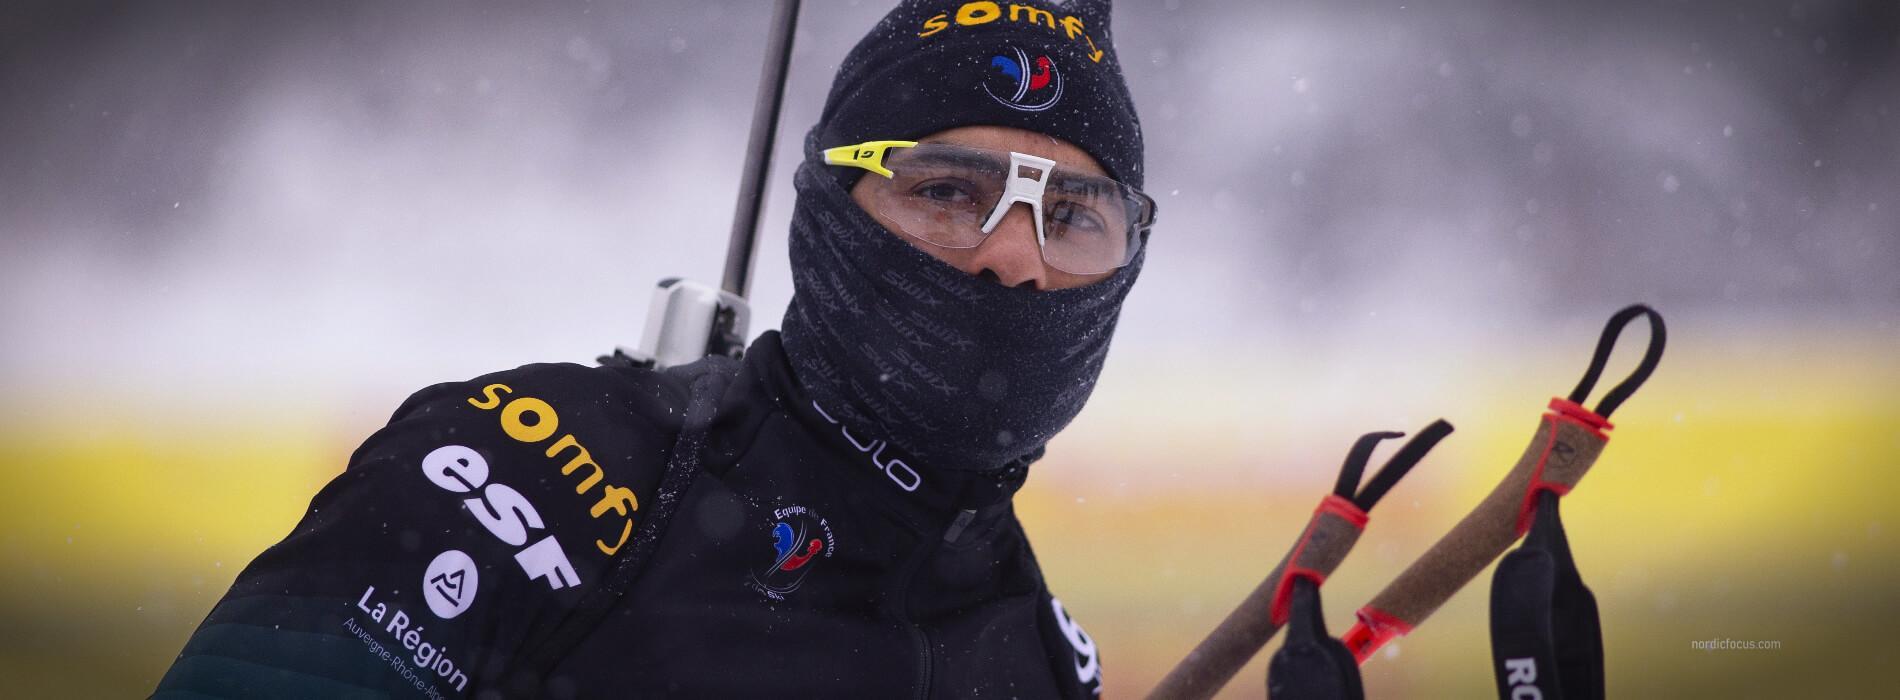 Martin Fourcade Oberhof 2019